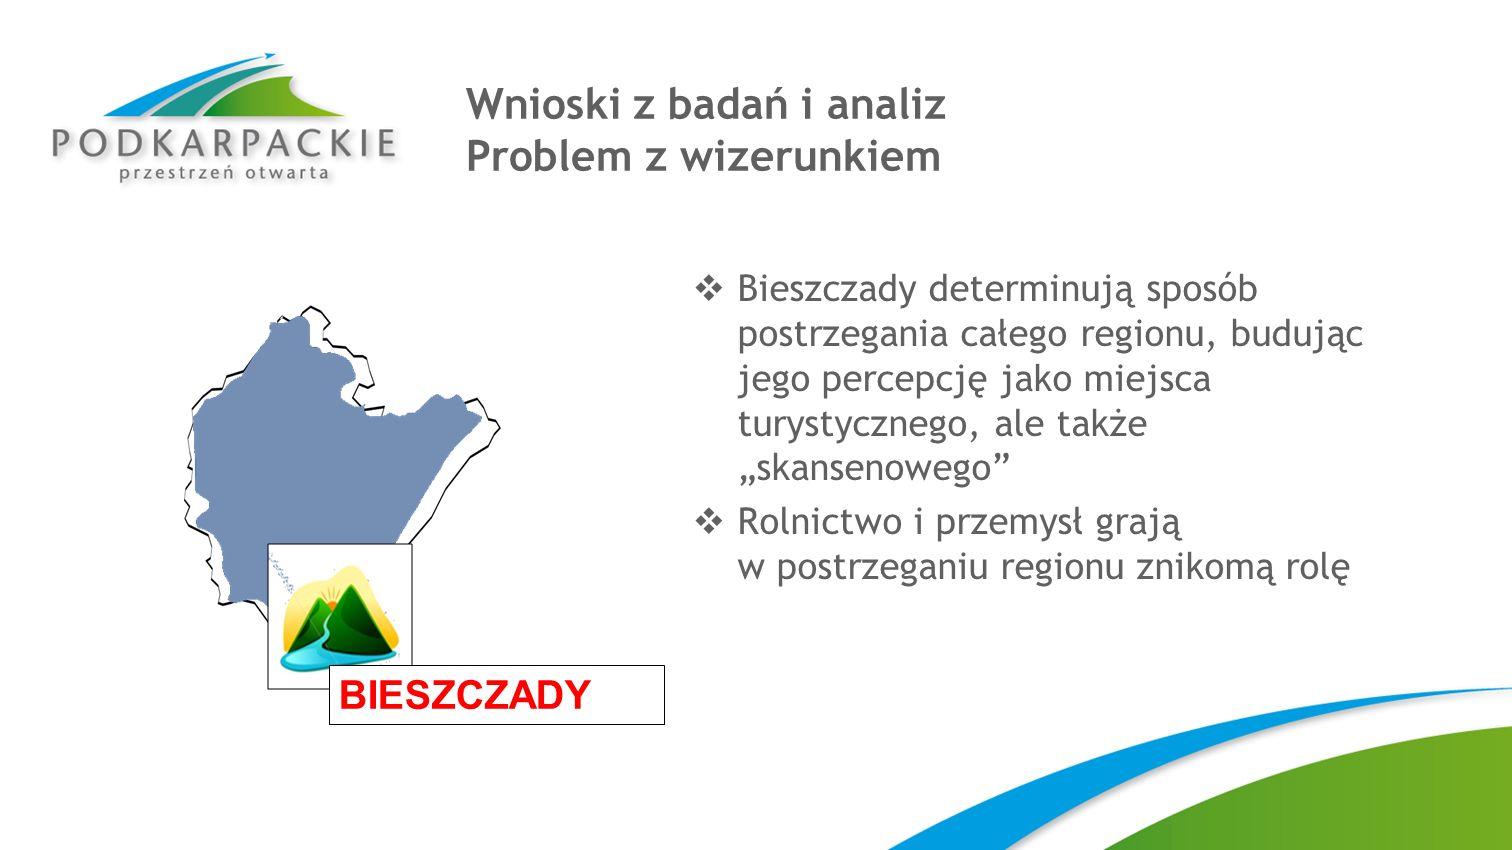 Wnioski z badań i analiz Problem z wizerunkiem Bieszczady determinują sposób postrzegania całego regionu, budując jego percepcję jako miejsca turystyc